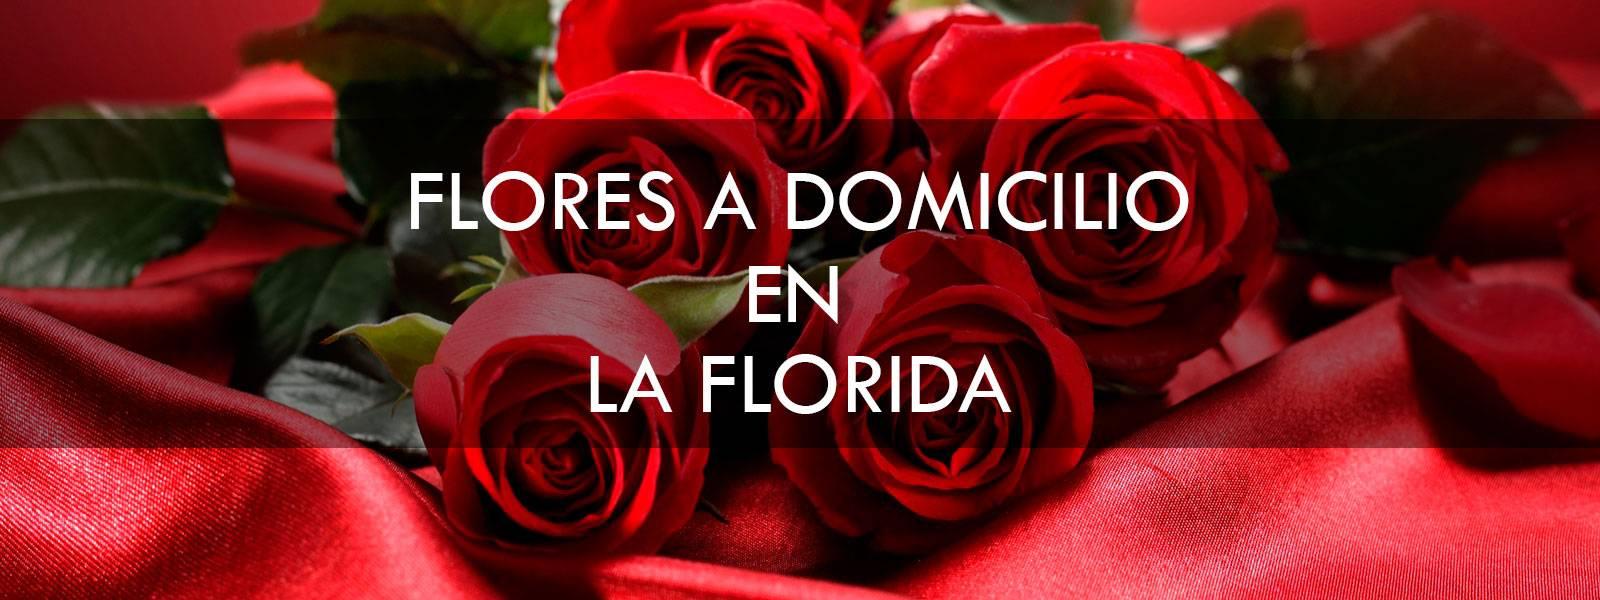 flores a domicilio en la Florida